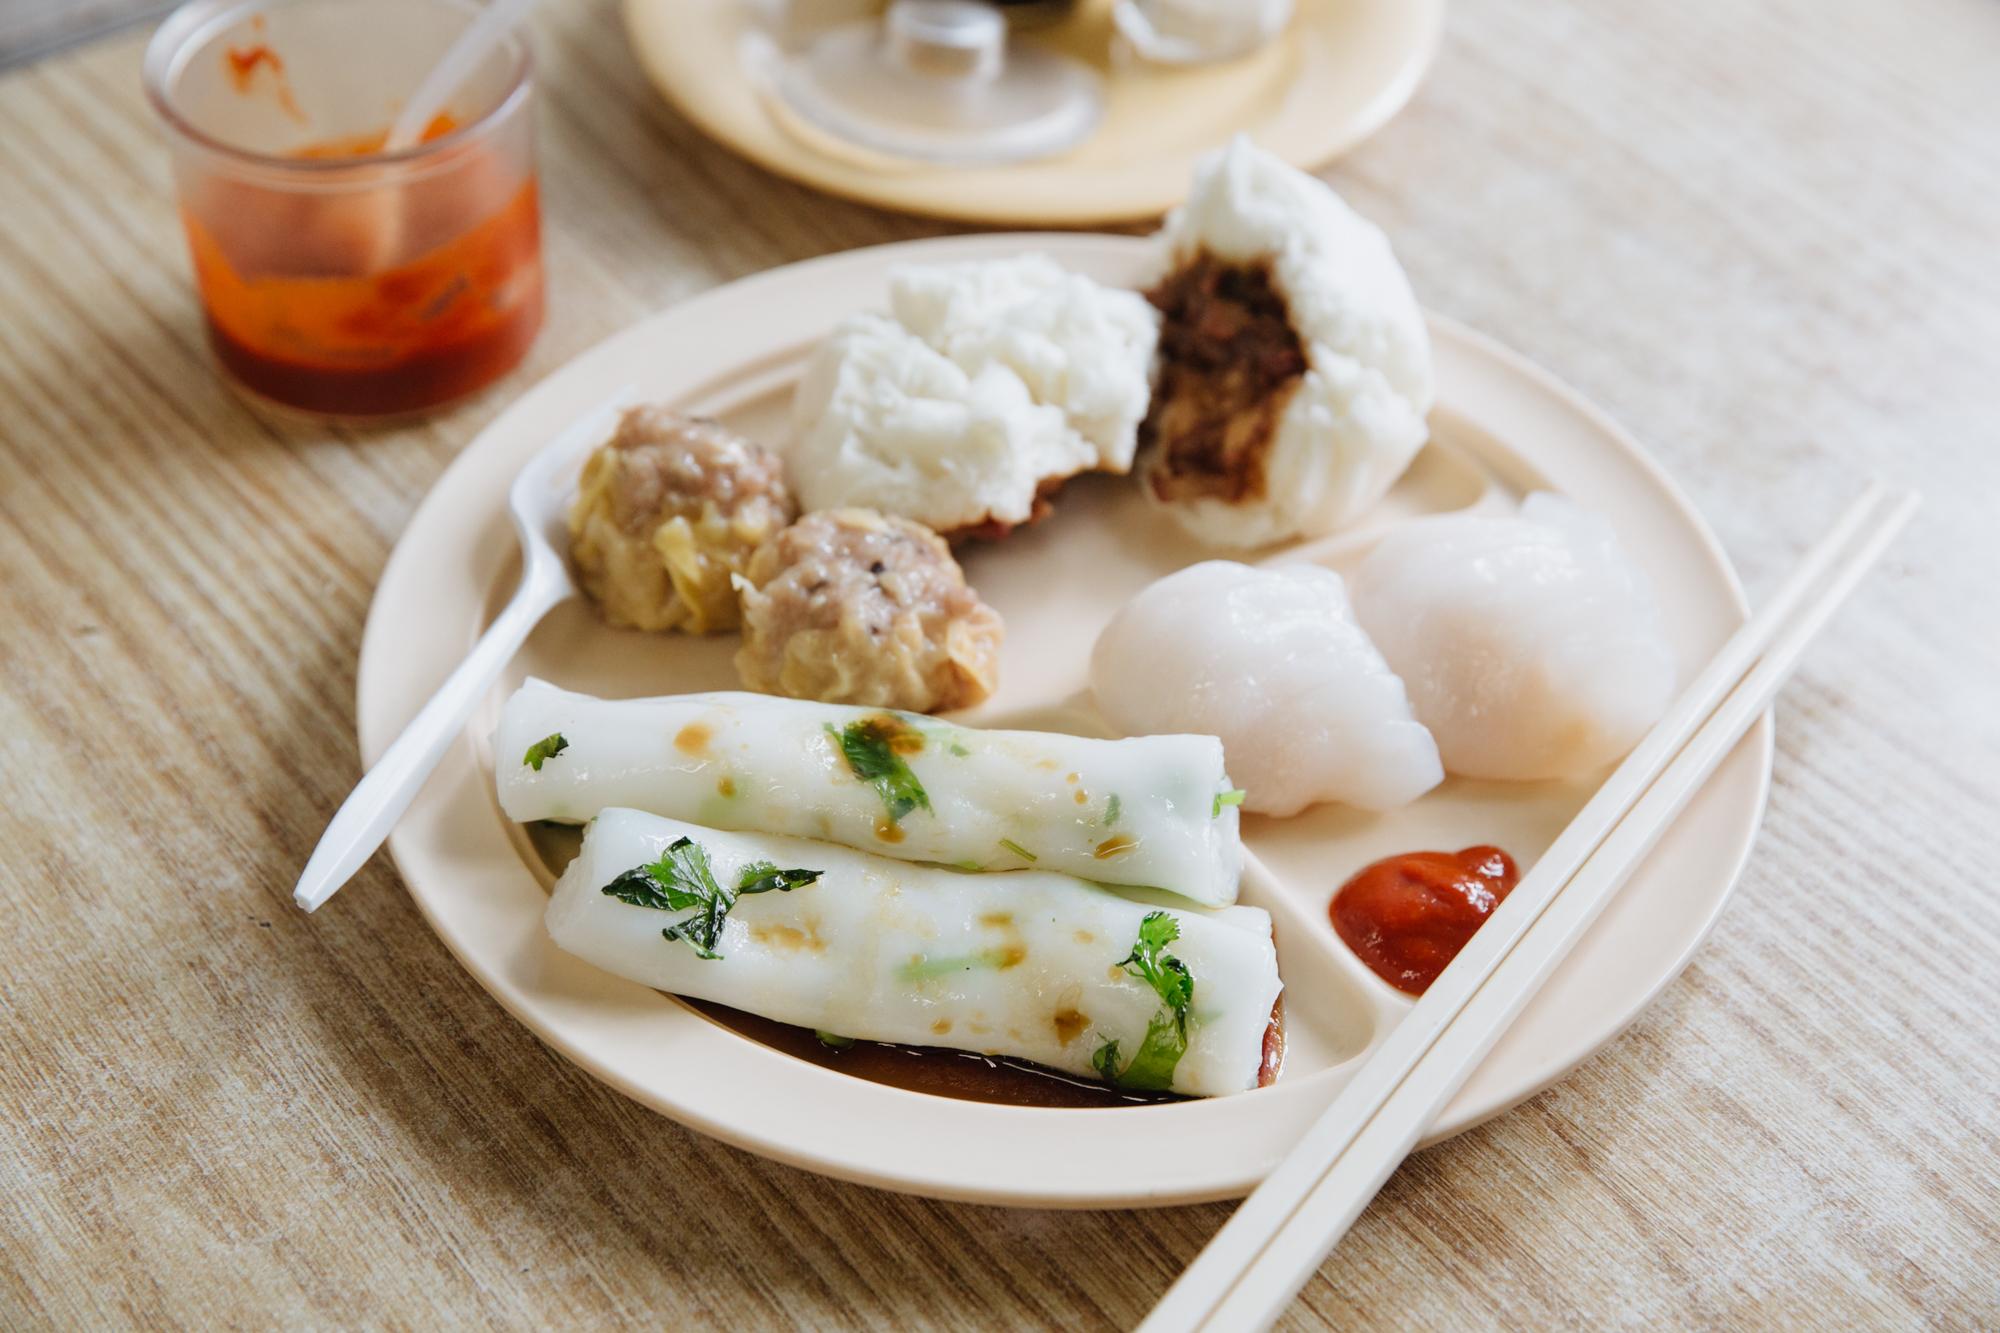 Rice rolls, char siu bao (steamed pork bun), har gow (shrimp dumpings) and siu mai (pork and shrimp dumplings).